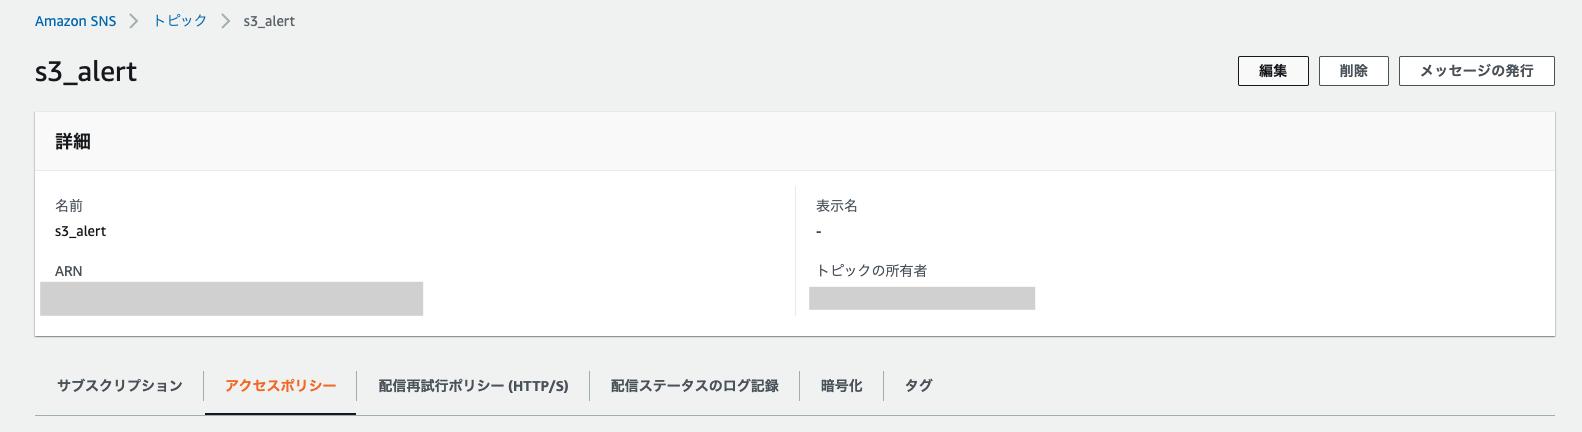 スクリーンショット 2020-08-04 18.24.21.png (49.5 kB)